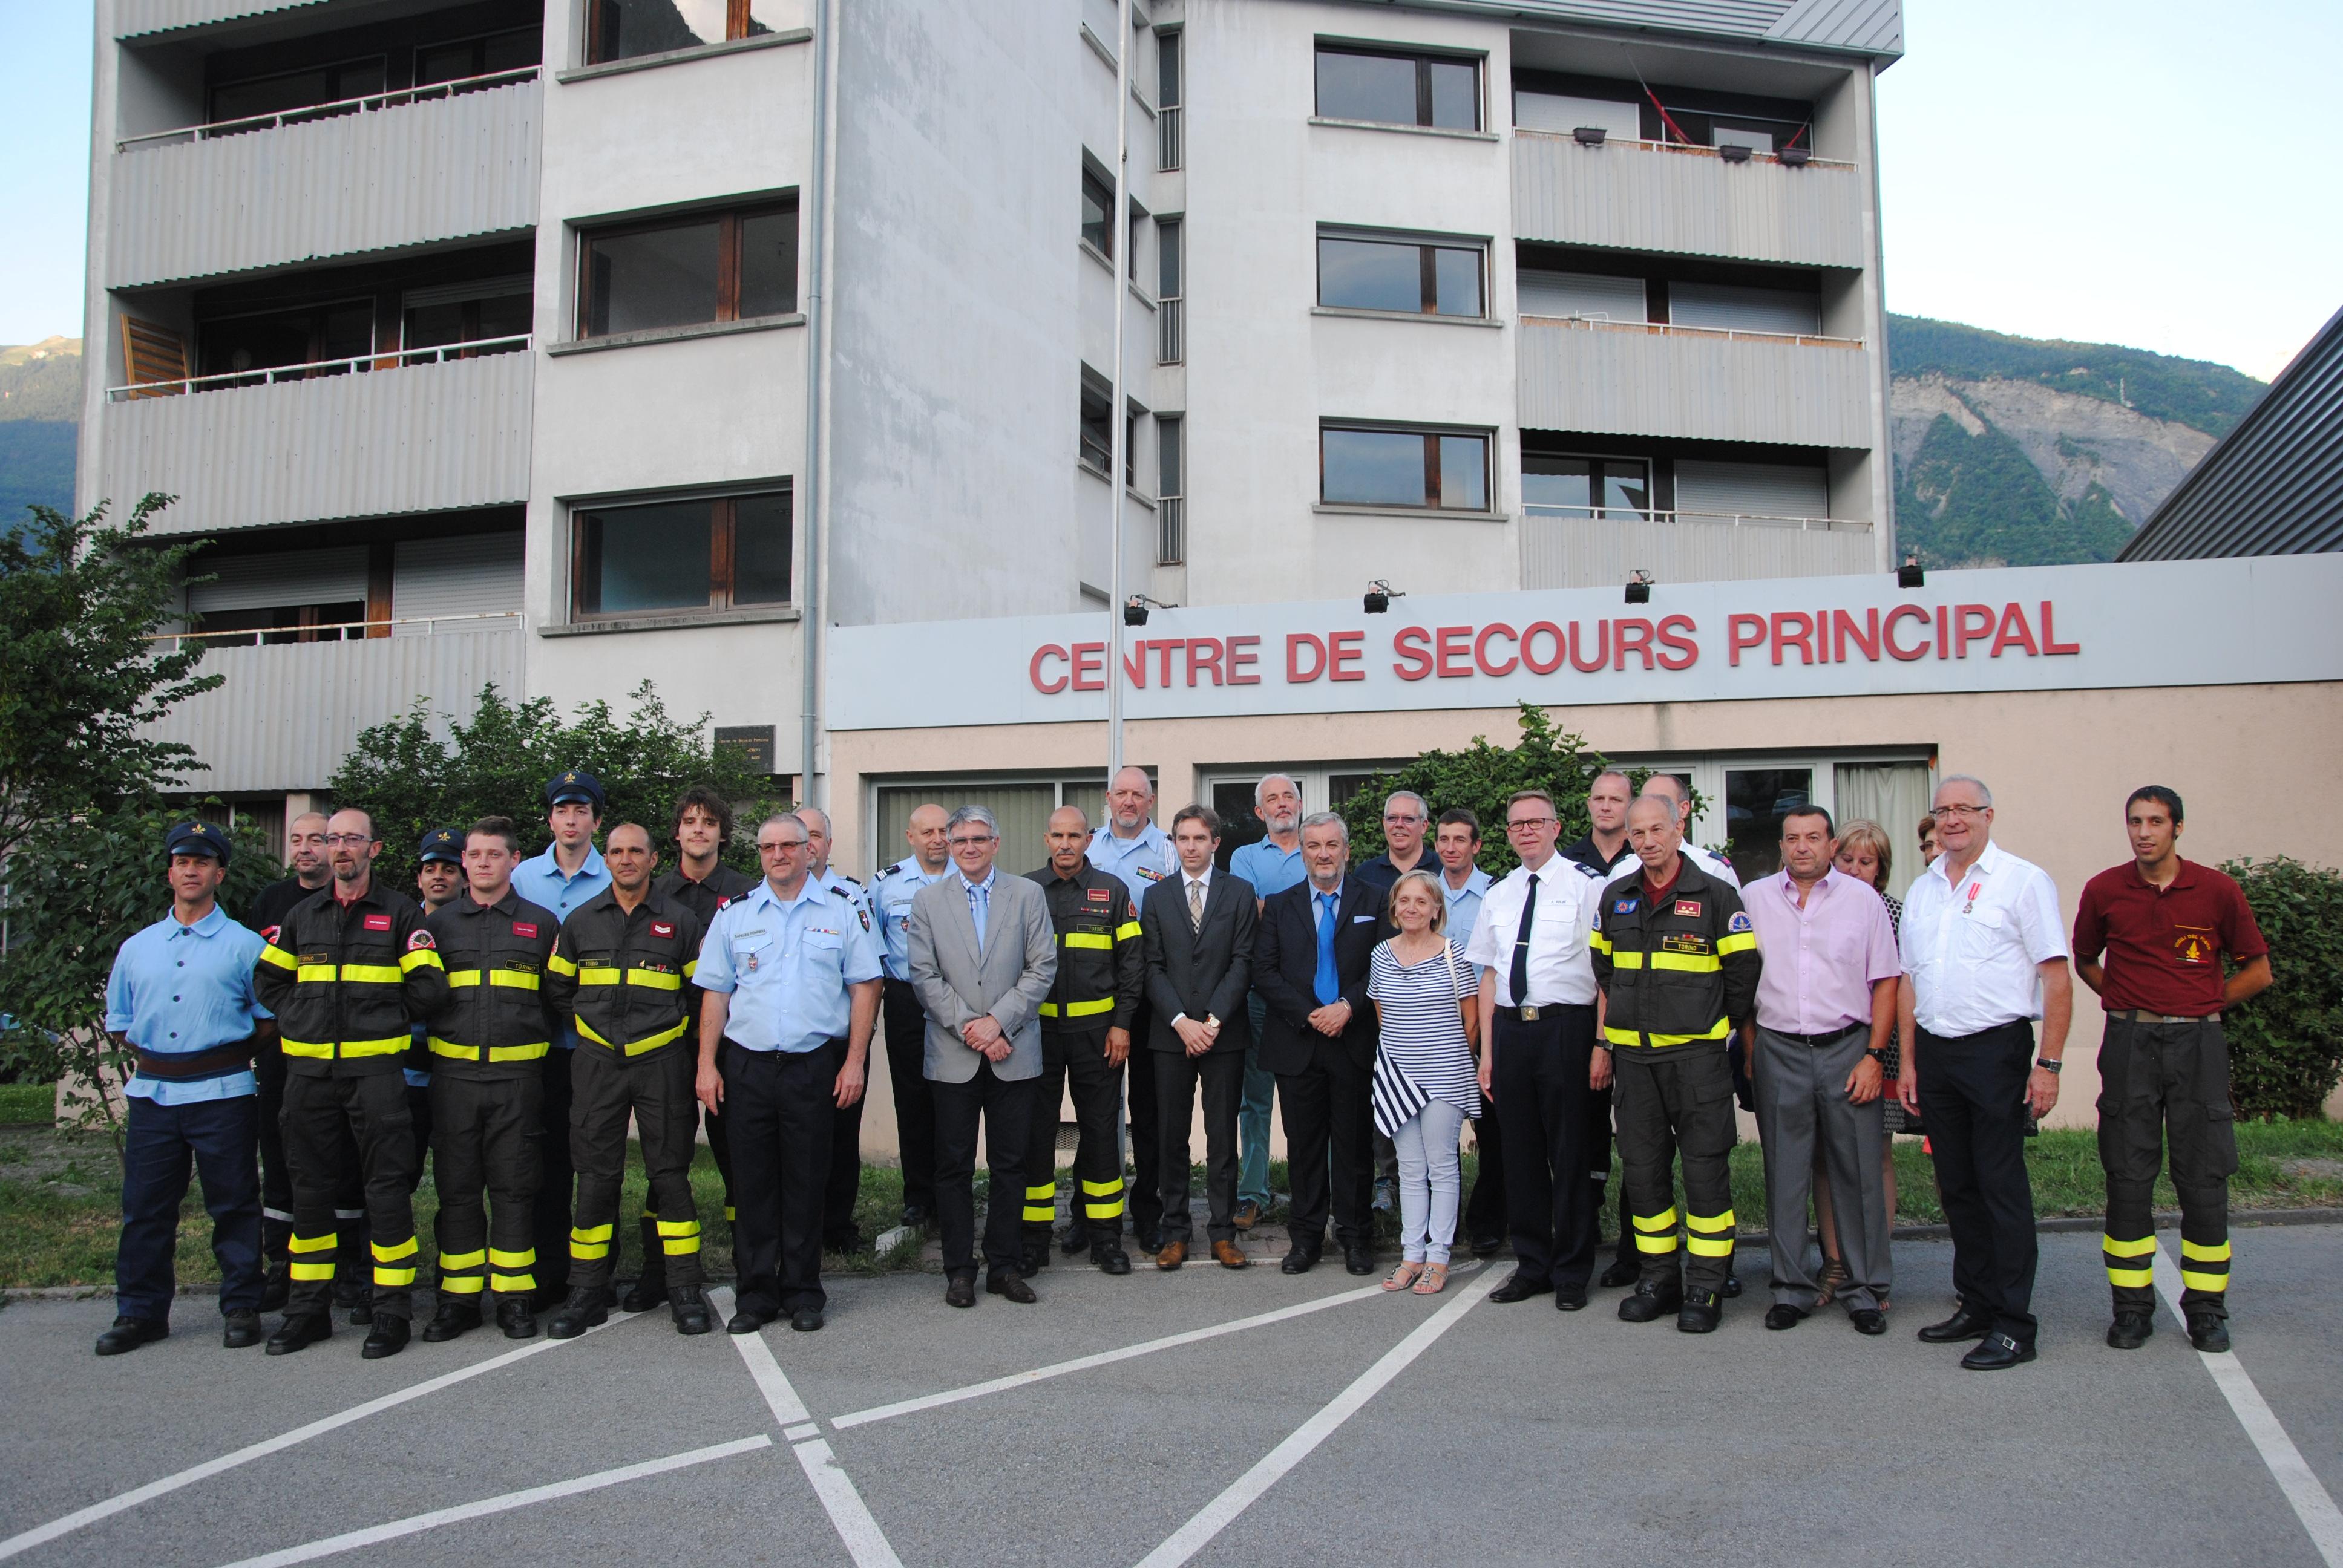 Incontro di Gemellaggio fra i Vigili del Fuoco Volontari di Giaveno e i Sapeurs Pompiers  – domenica 11 ottobre 2015